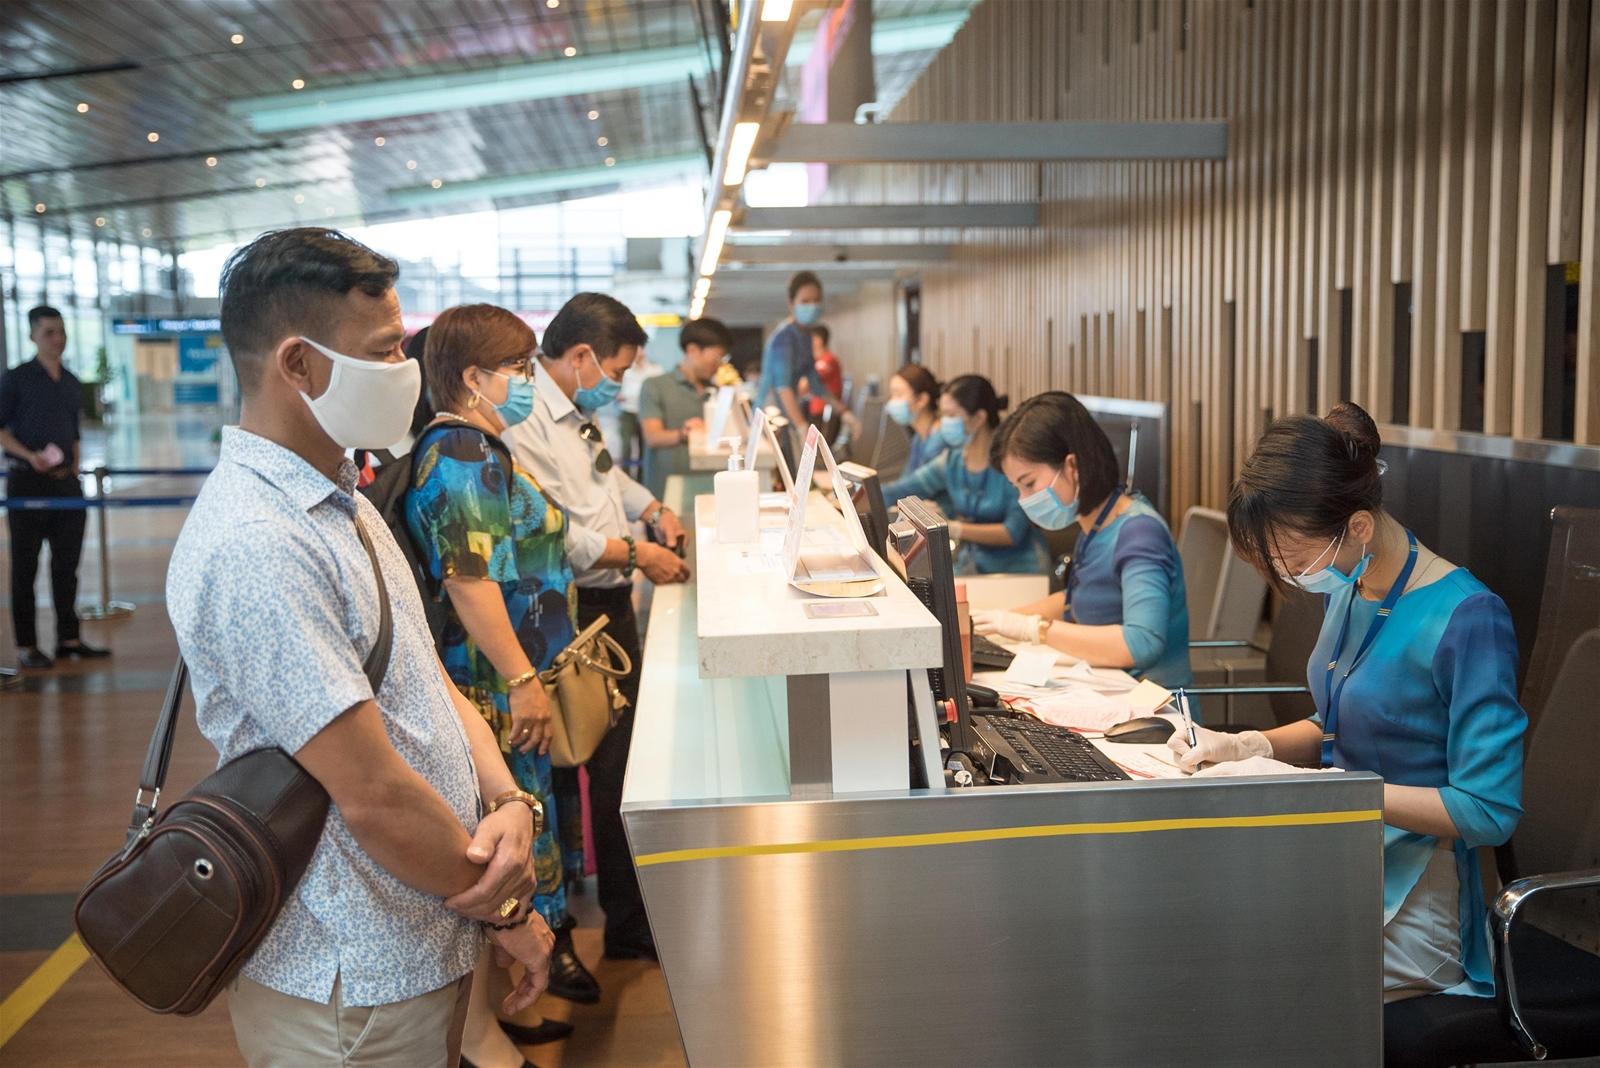 Bay Vân Đồn – TP HCM giá chỉ từ 99.000 đồng/chặng